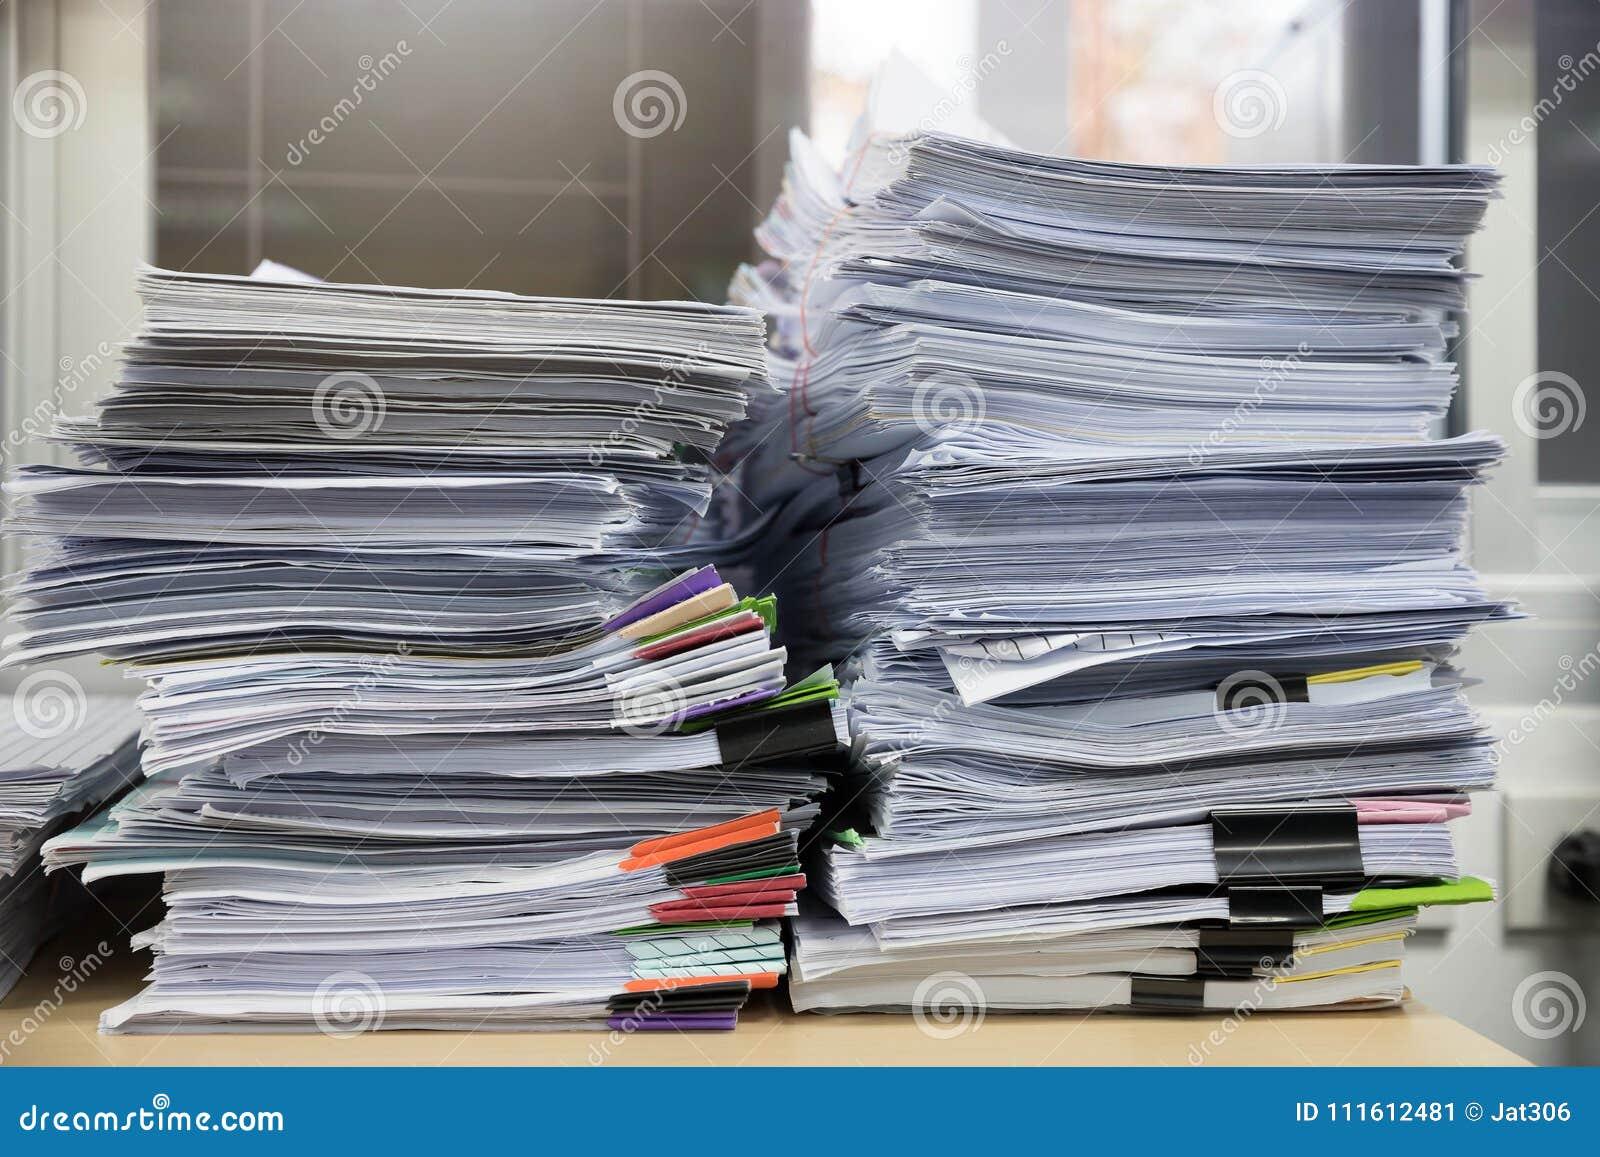 Affärs- och finansbegrepp av kontorsarbete, hög av oavslutade dokument på kontorsskrivbordet, bunt av affärspapper